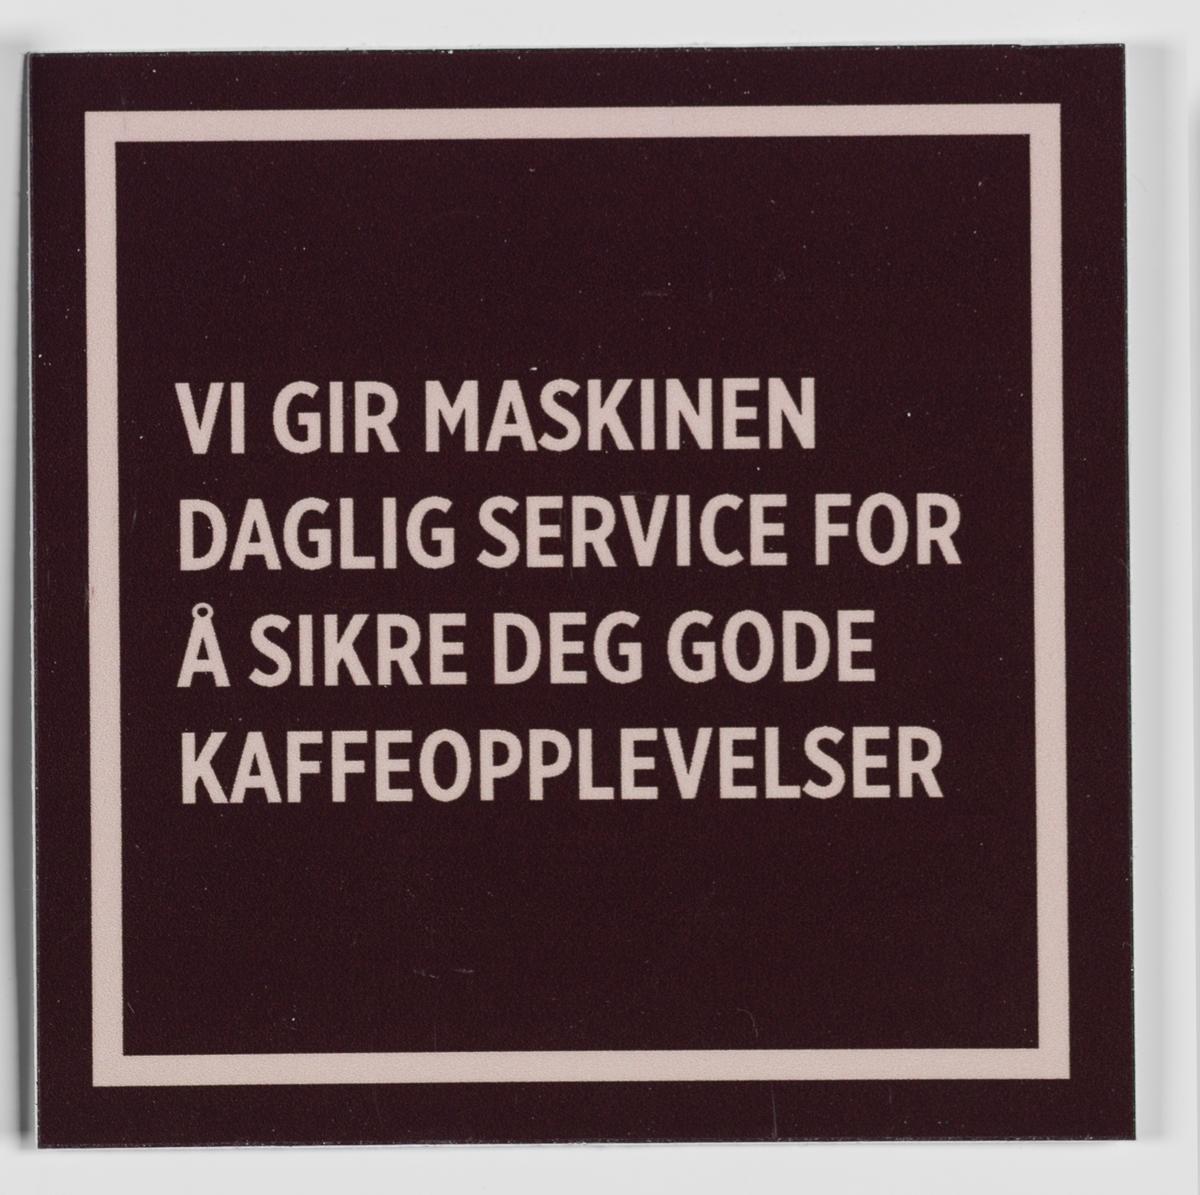 Et kvadratisk klistremerke med stilisert ramme med brun bunnfarge og beige tekst. Kan klistres på en flate i nærheten av kaffeautomaten i butikken.